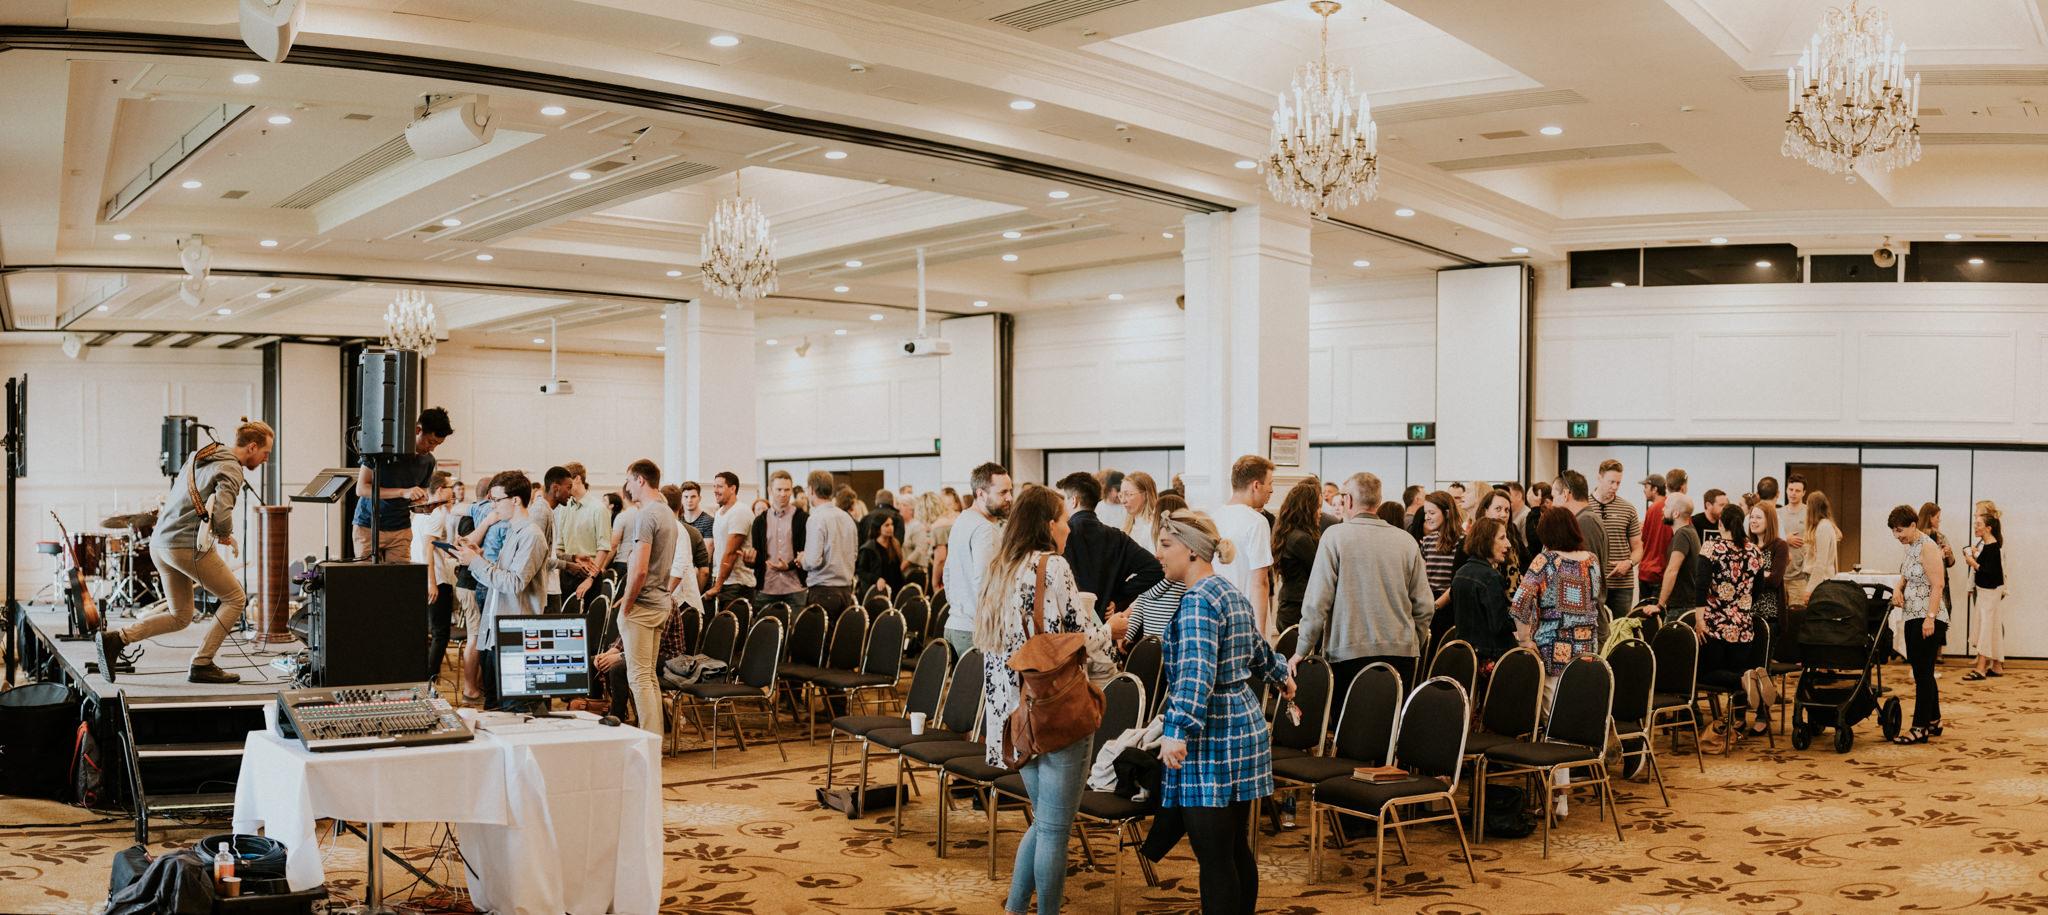 Australia & New Zealand | December Feature | CityLight Church